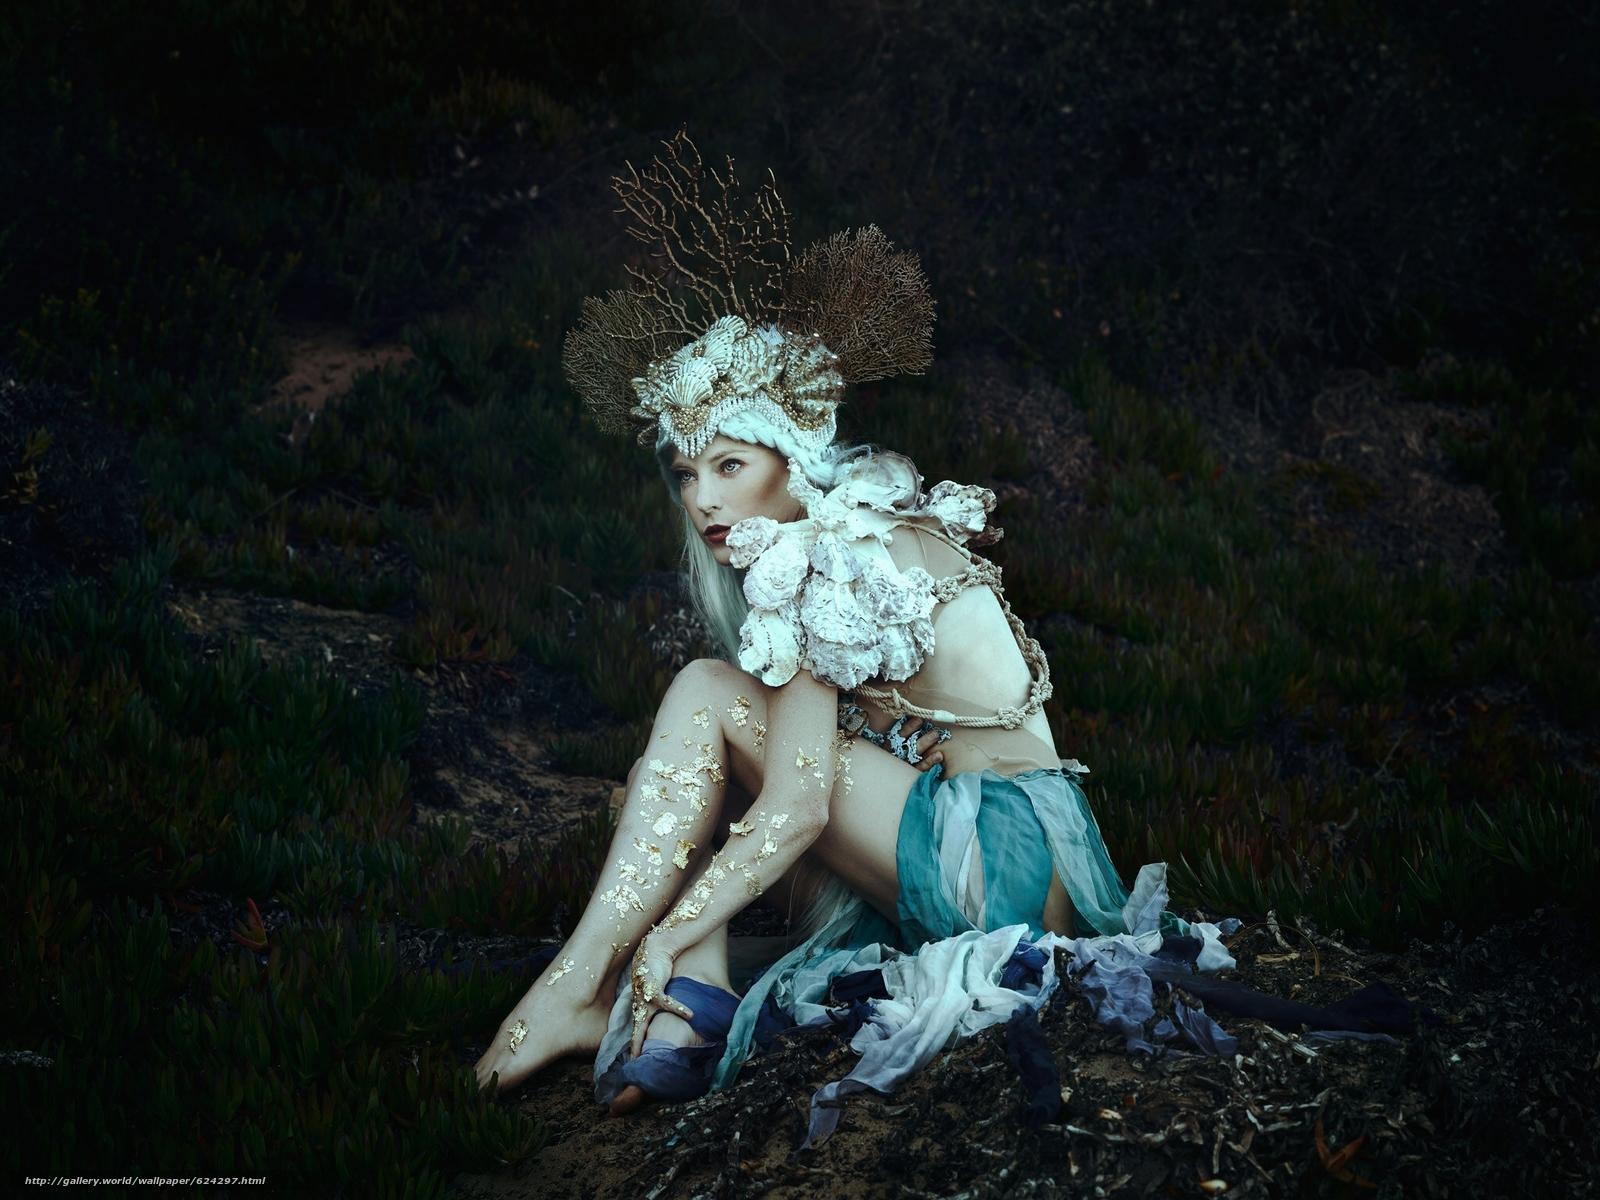 Скачать на телефон обои фото картинку на тему Jessica Dru, сирена, наряд, корона, кораллы, фантазия, разширение 2048x1536